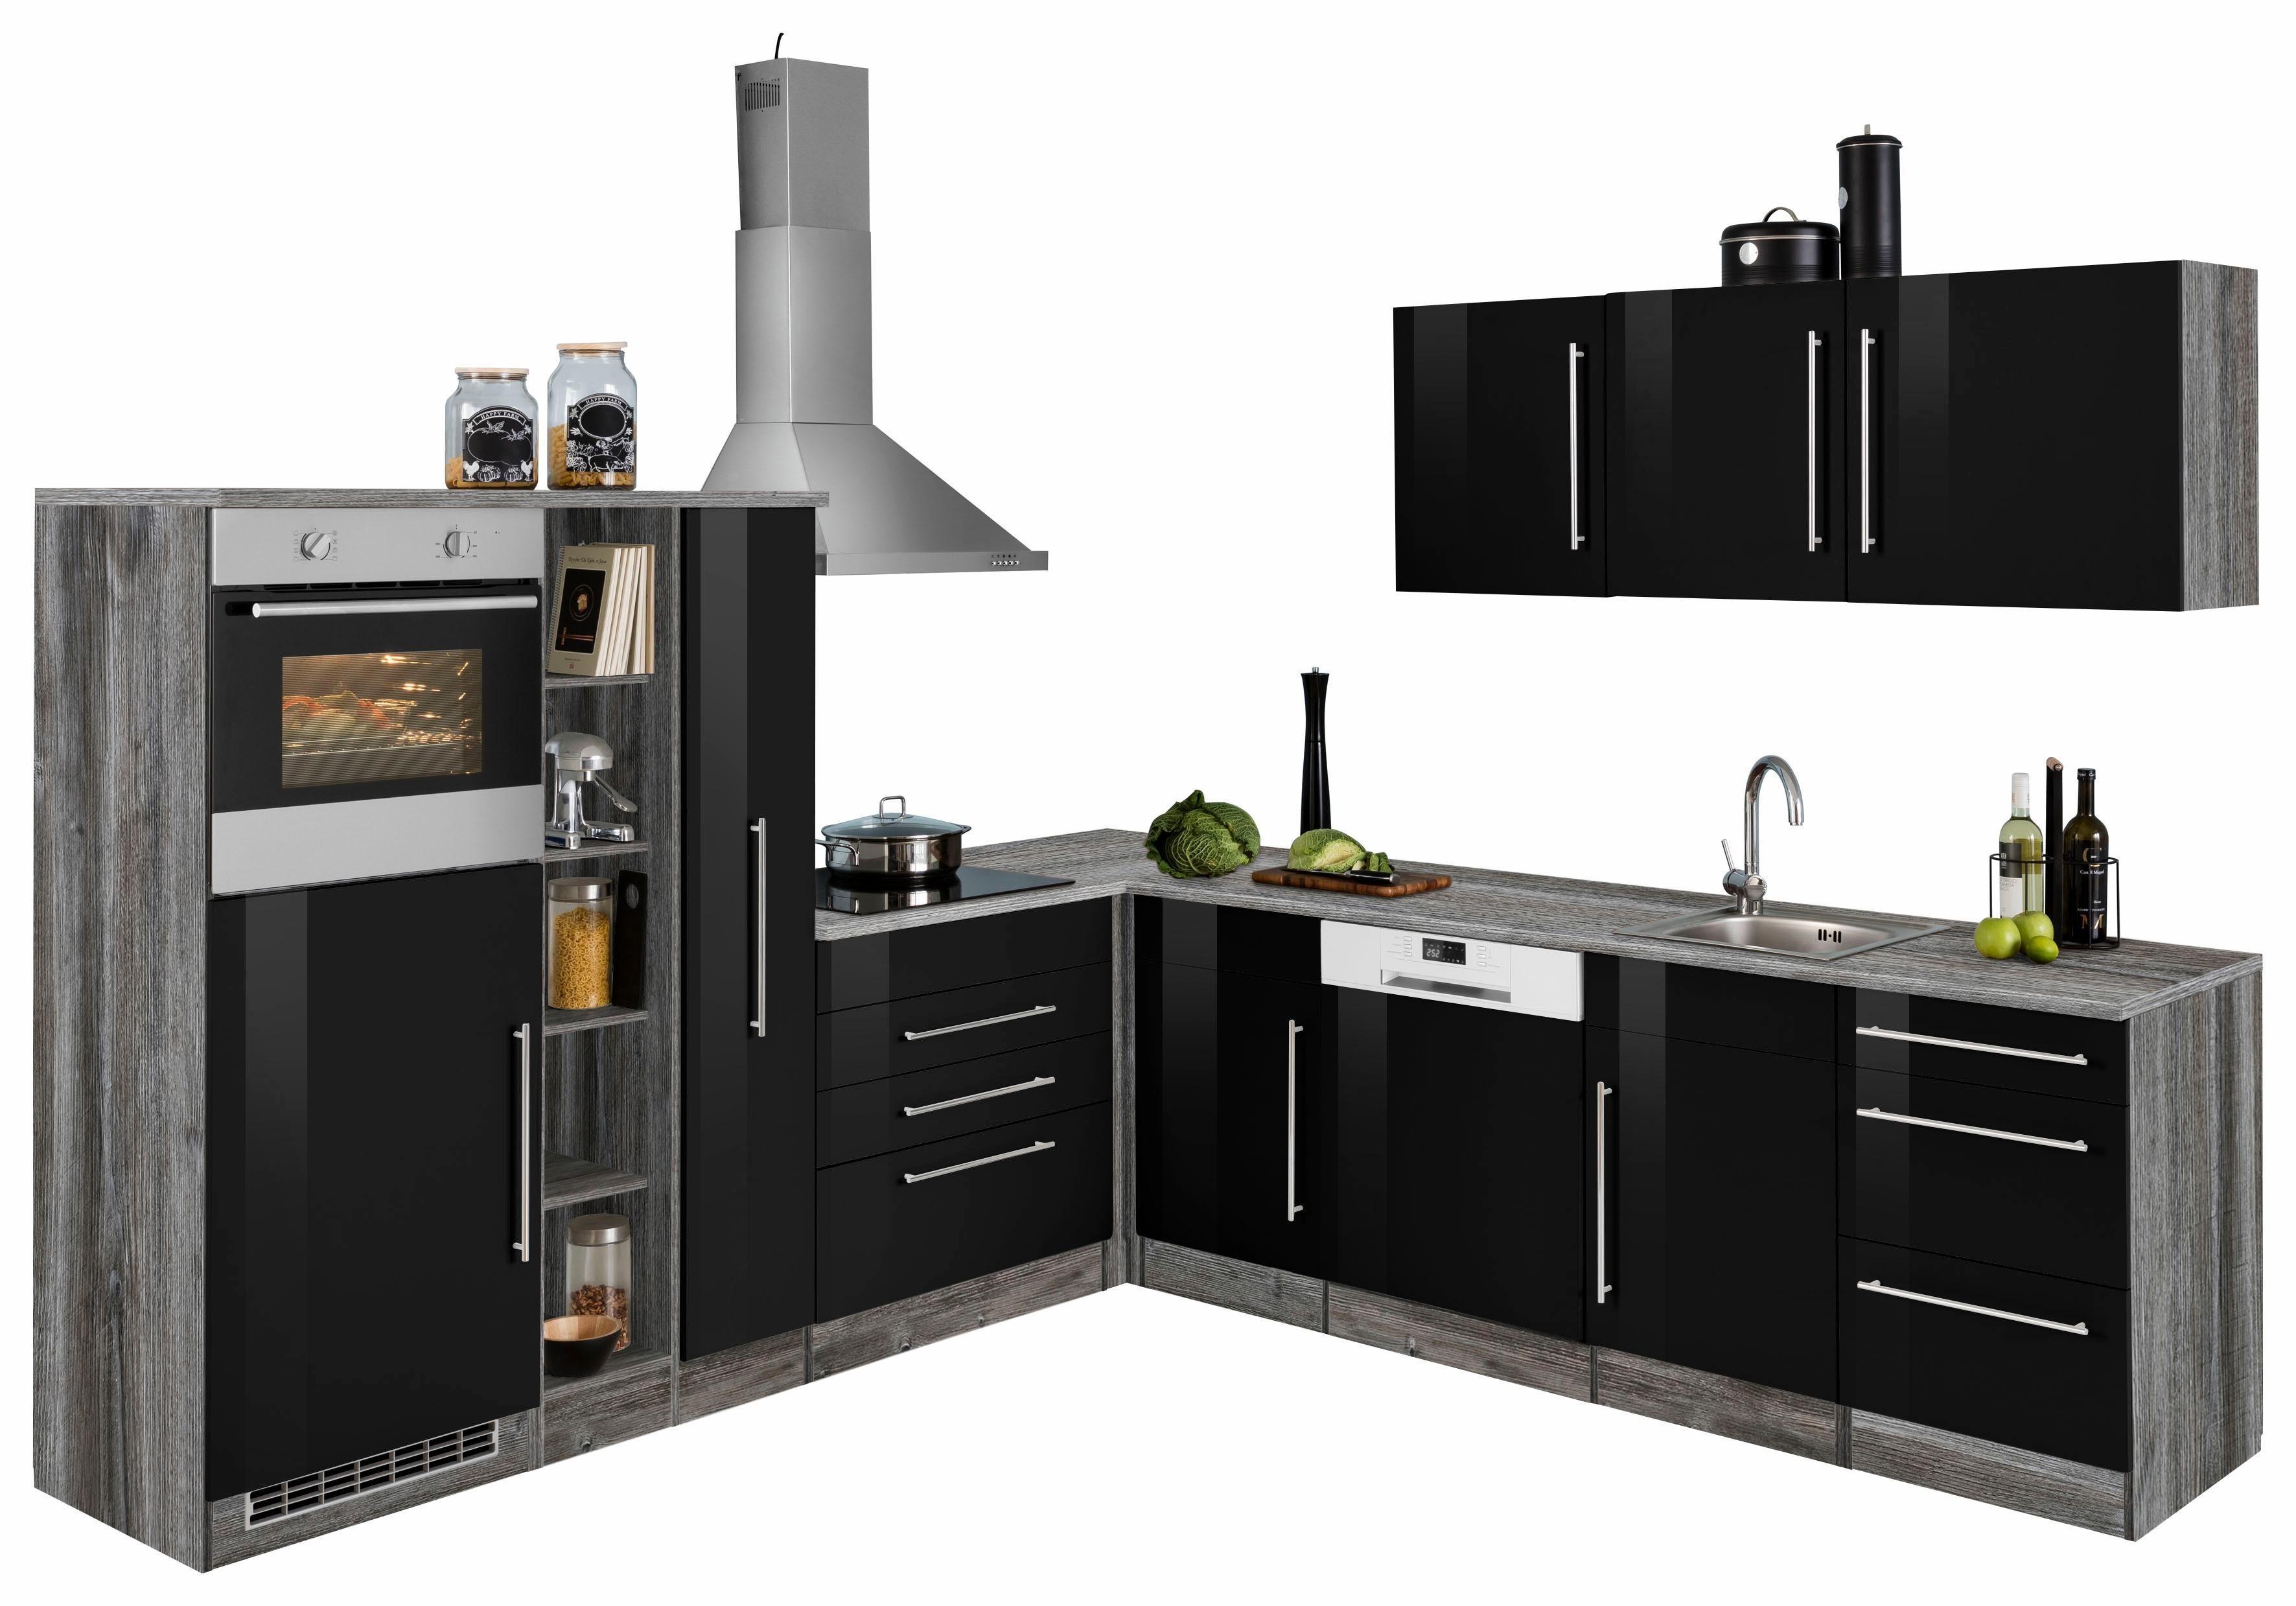 neckermann Winkelküchen online kaufen   Möbel-Suchmaschine ...